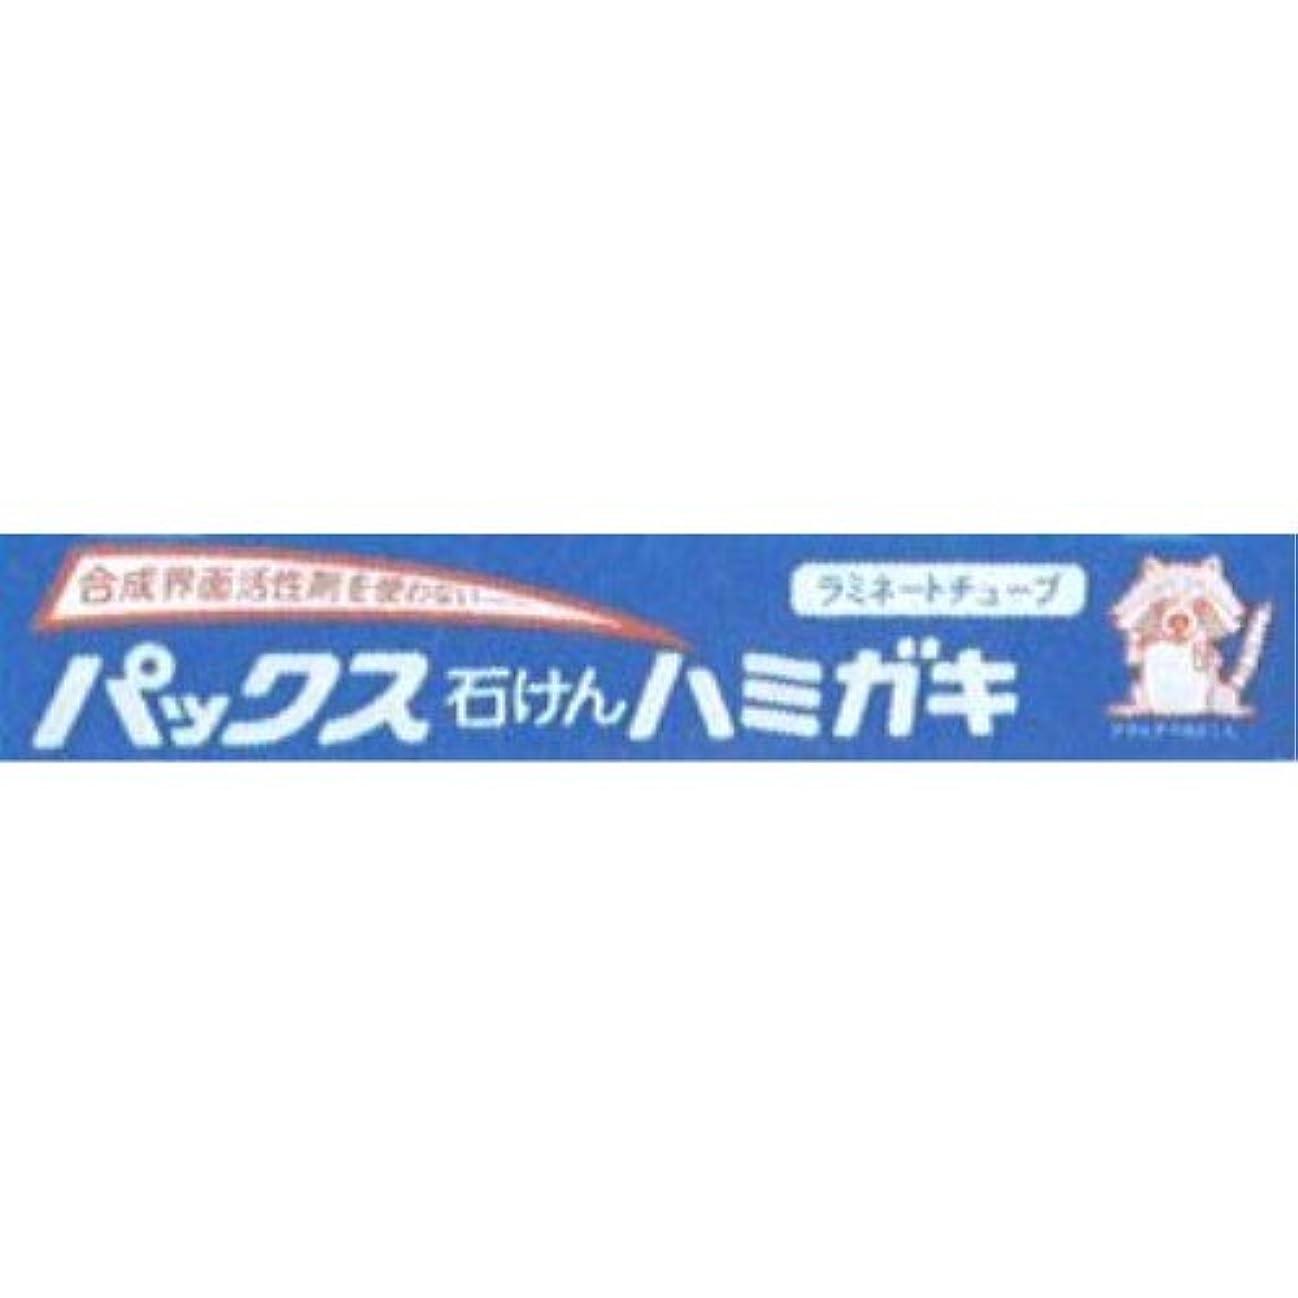 ガレージインレイ編集者パックス石けんハミガキ 140g